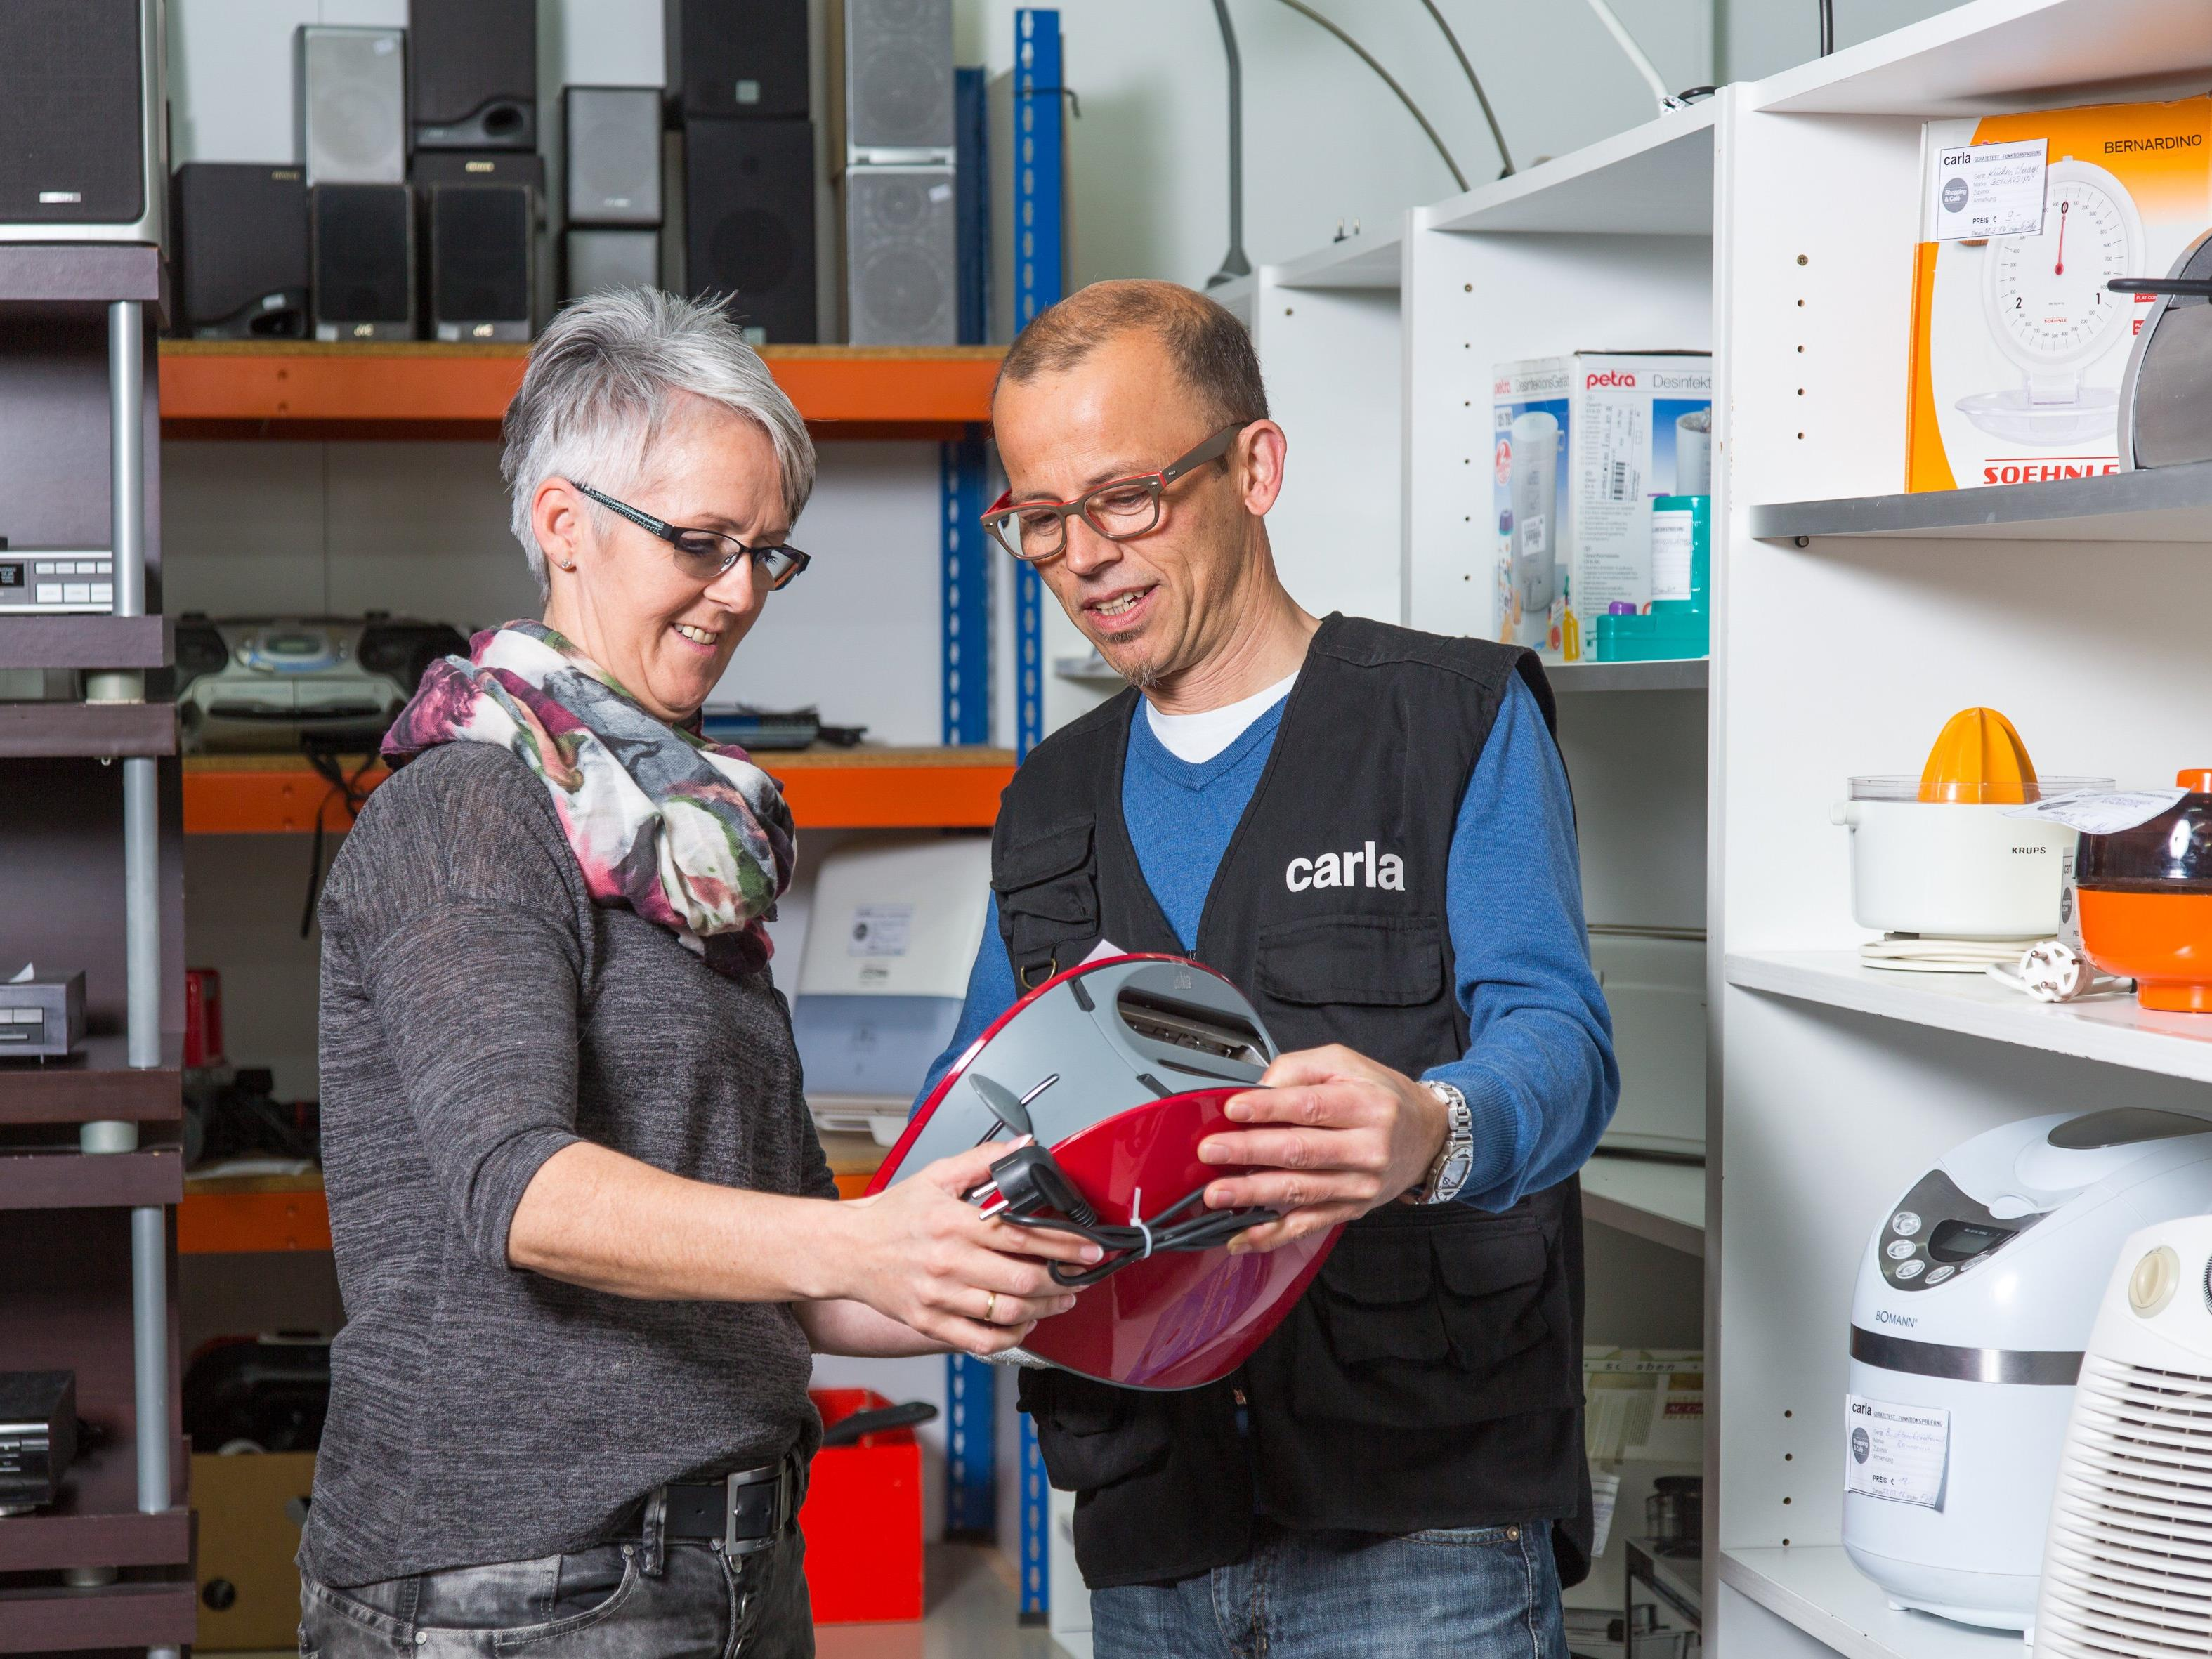 Dass das Interesse an der Reparatur und Weiterverwendung von Elektrogeräten steigt, zeigen die Besucherzahlen an den carla Reparaturcafés.